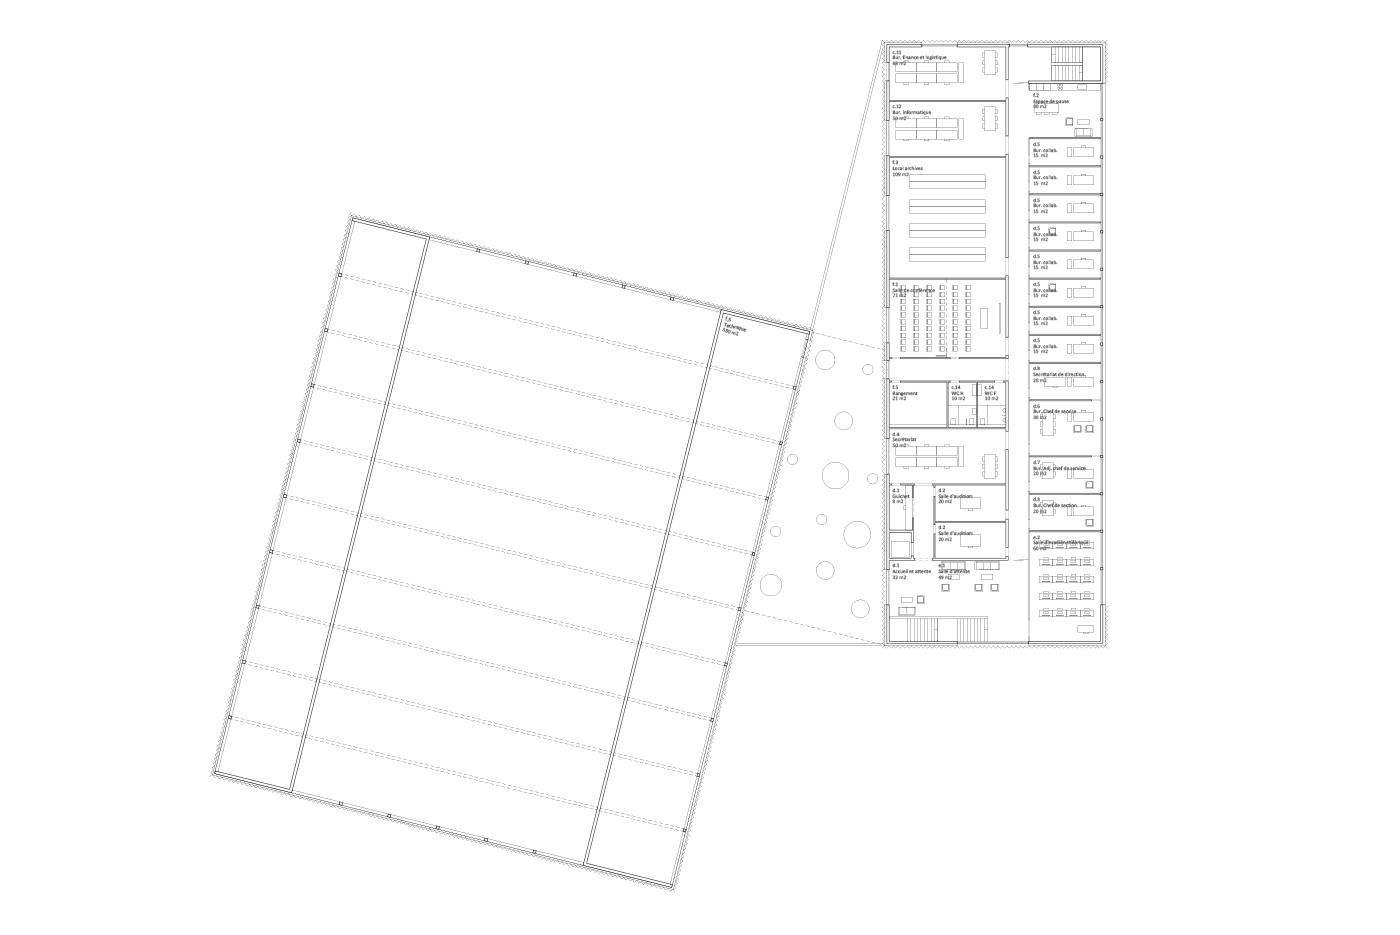 Plan de l'étage | Service de la circulation et de la navigation, Sion